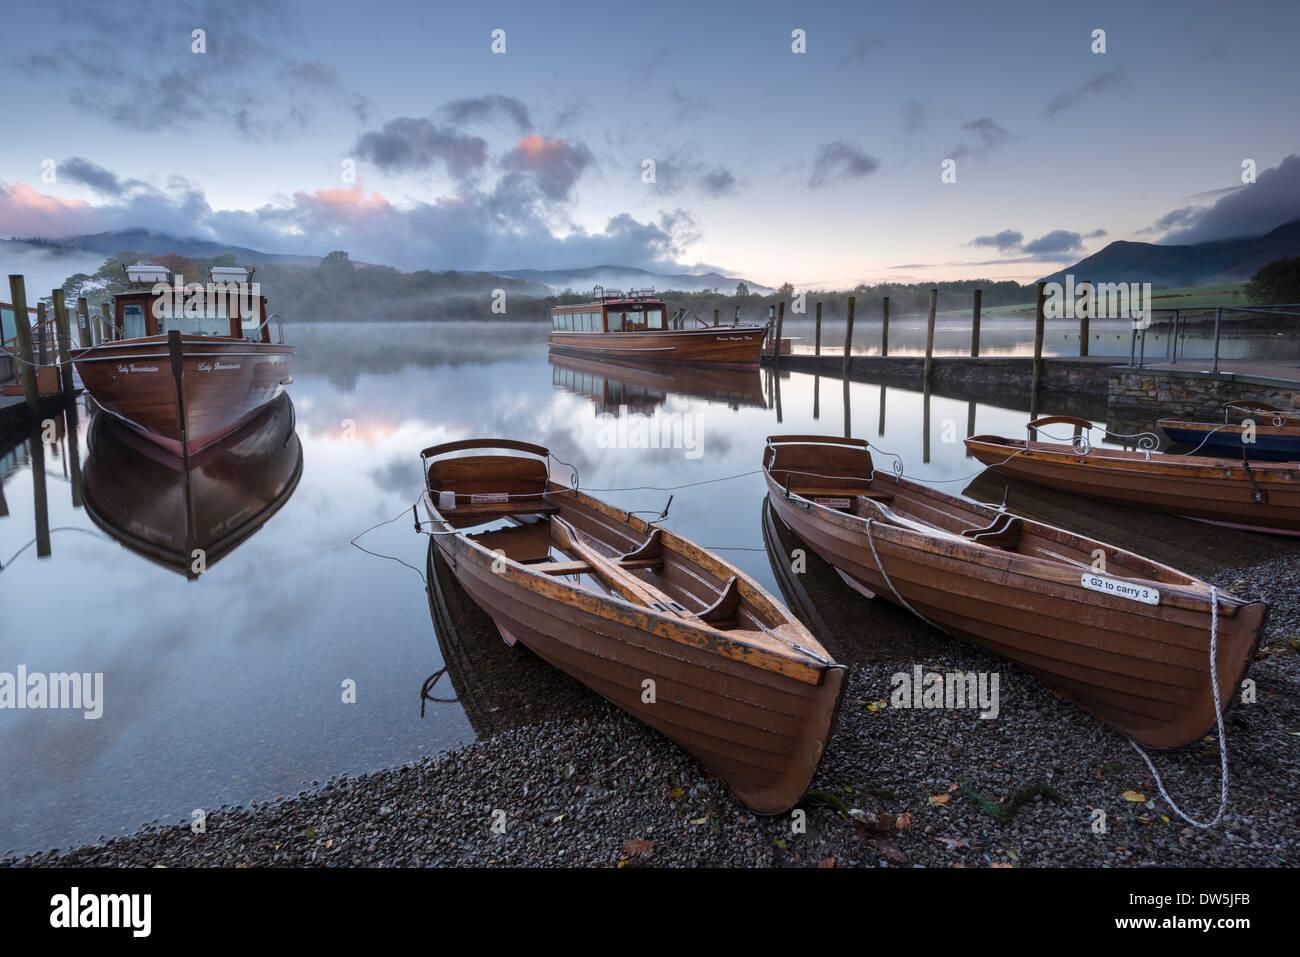 Barche ormeggiate sulla Derwent Water all'alba, Keswick, Lake District, Cumbria, Inghilterra. In autunno (ottobre 2012). Immagini Stock